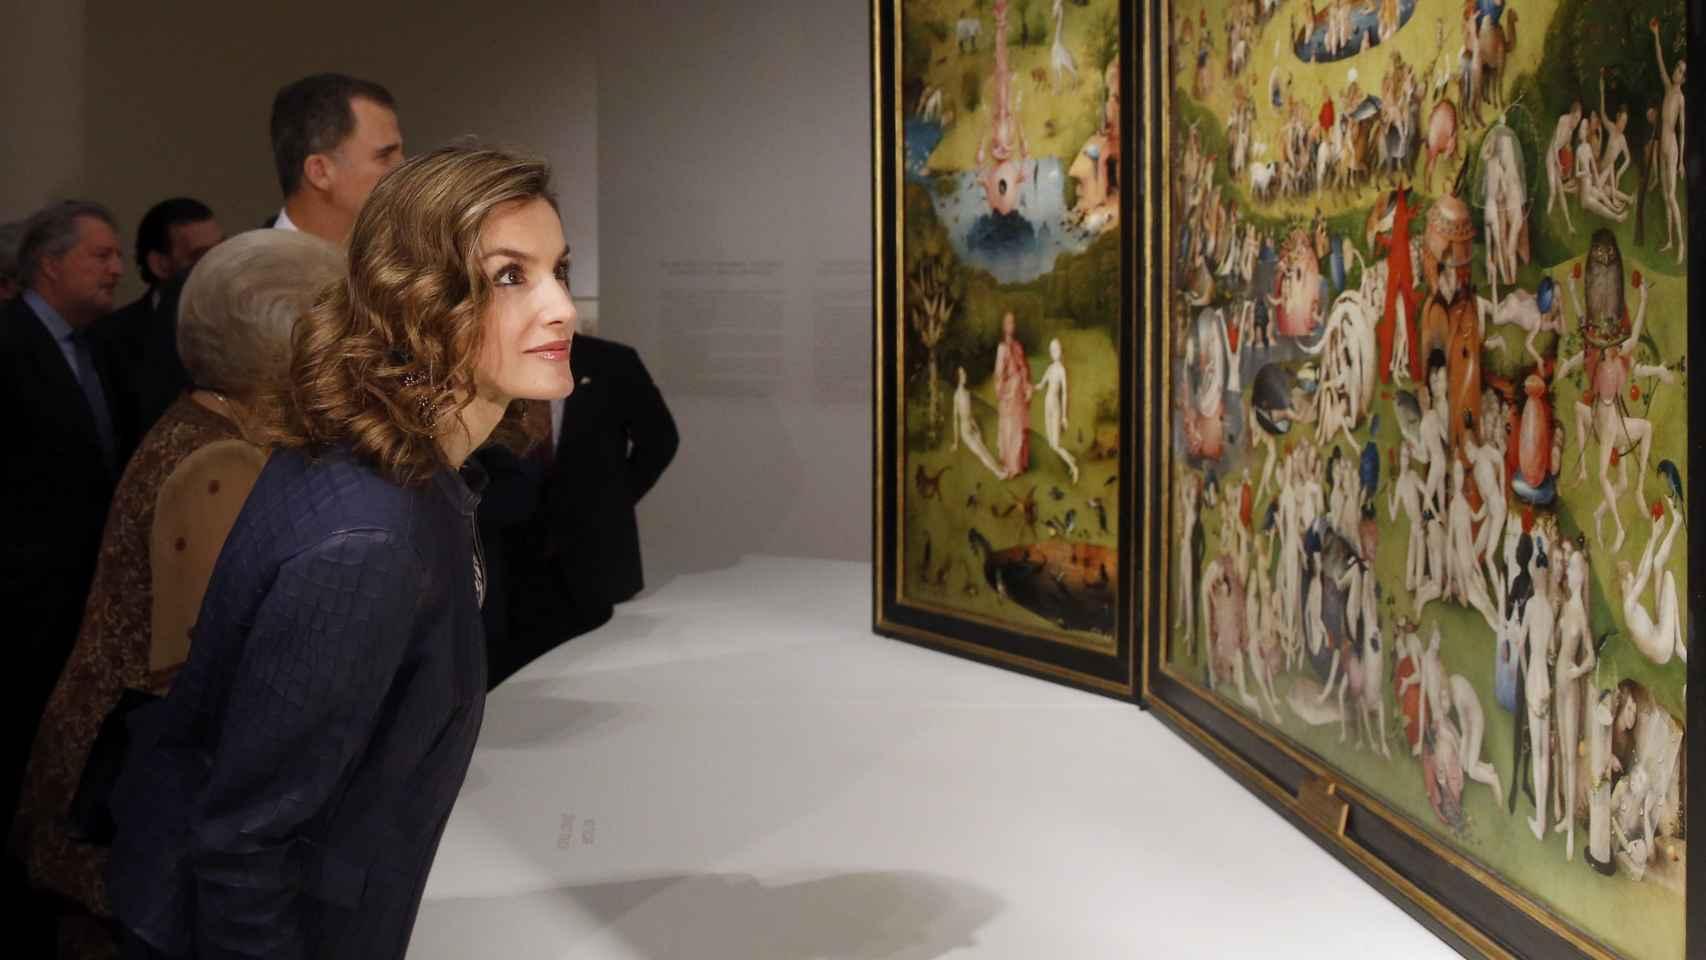 La reina Letizia en la exposición de El Bosco